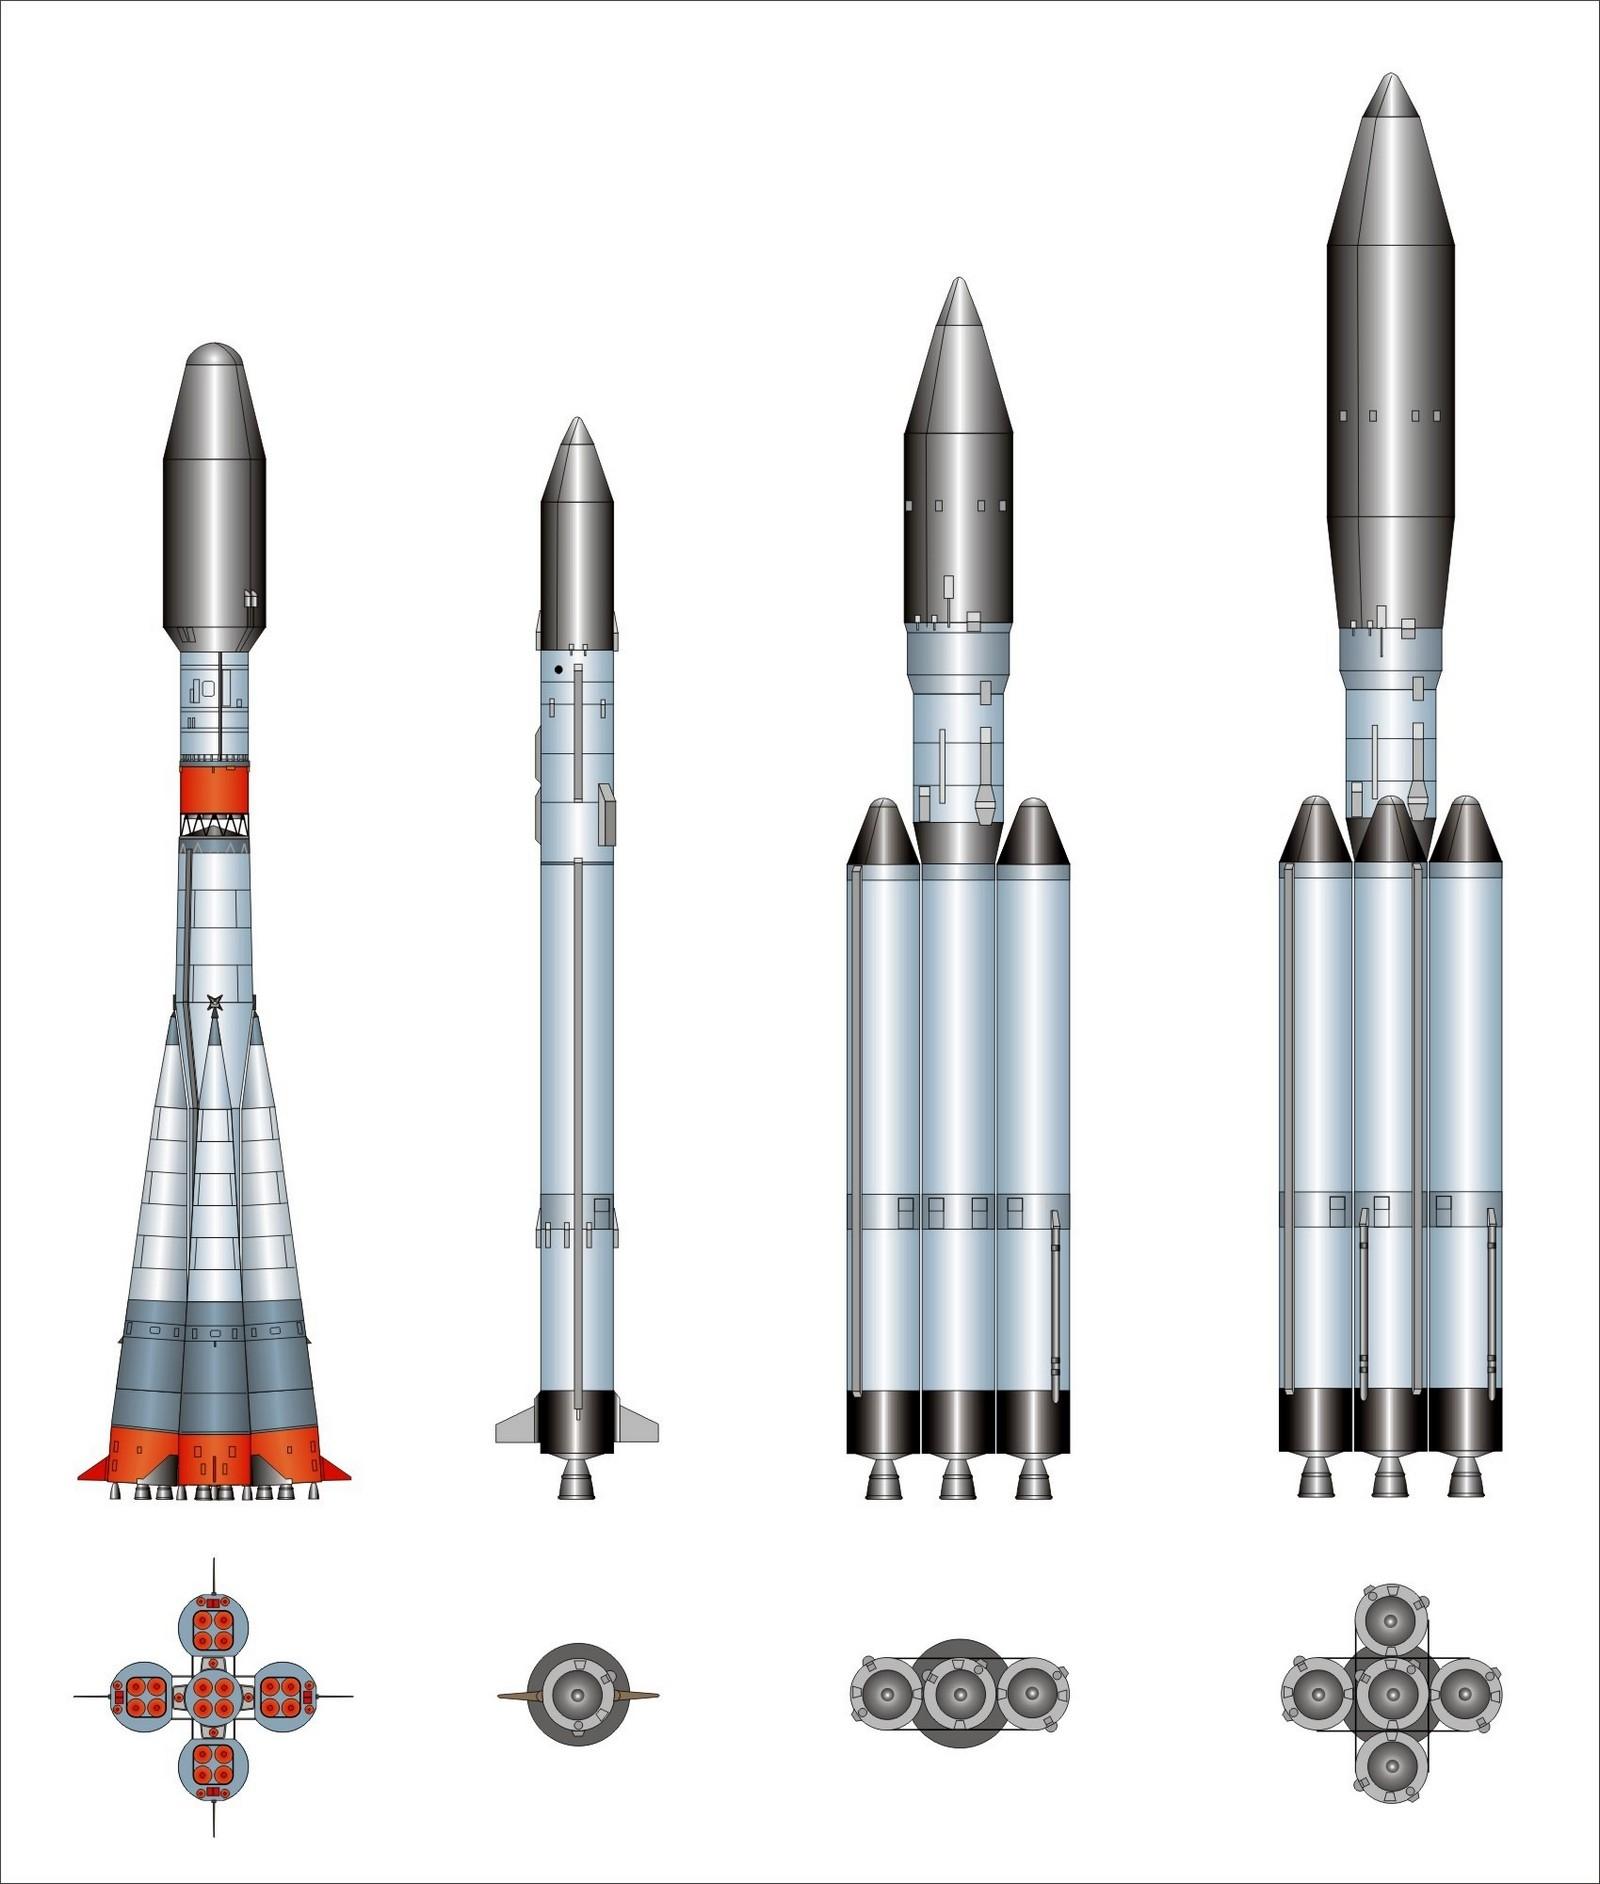 Союз-2, Ангара 1.2, Ангара 3(отменена в пользу Союз-5), Ангара 5